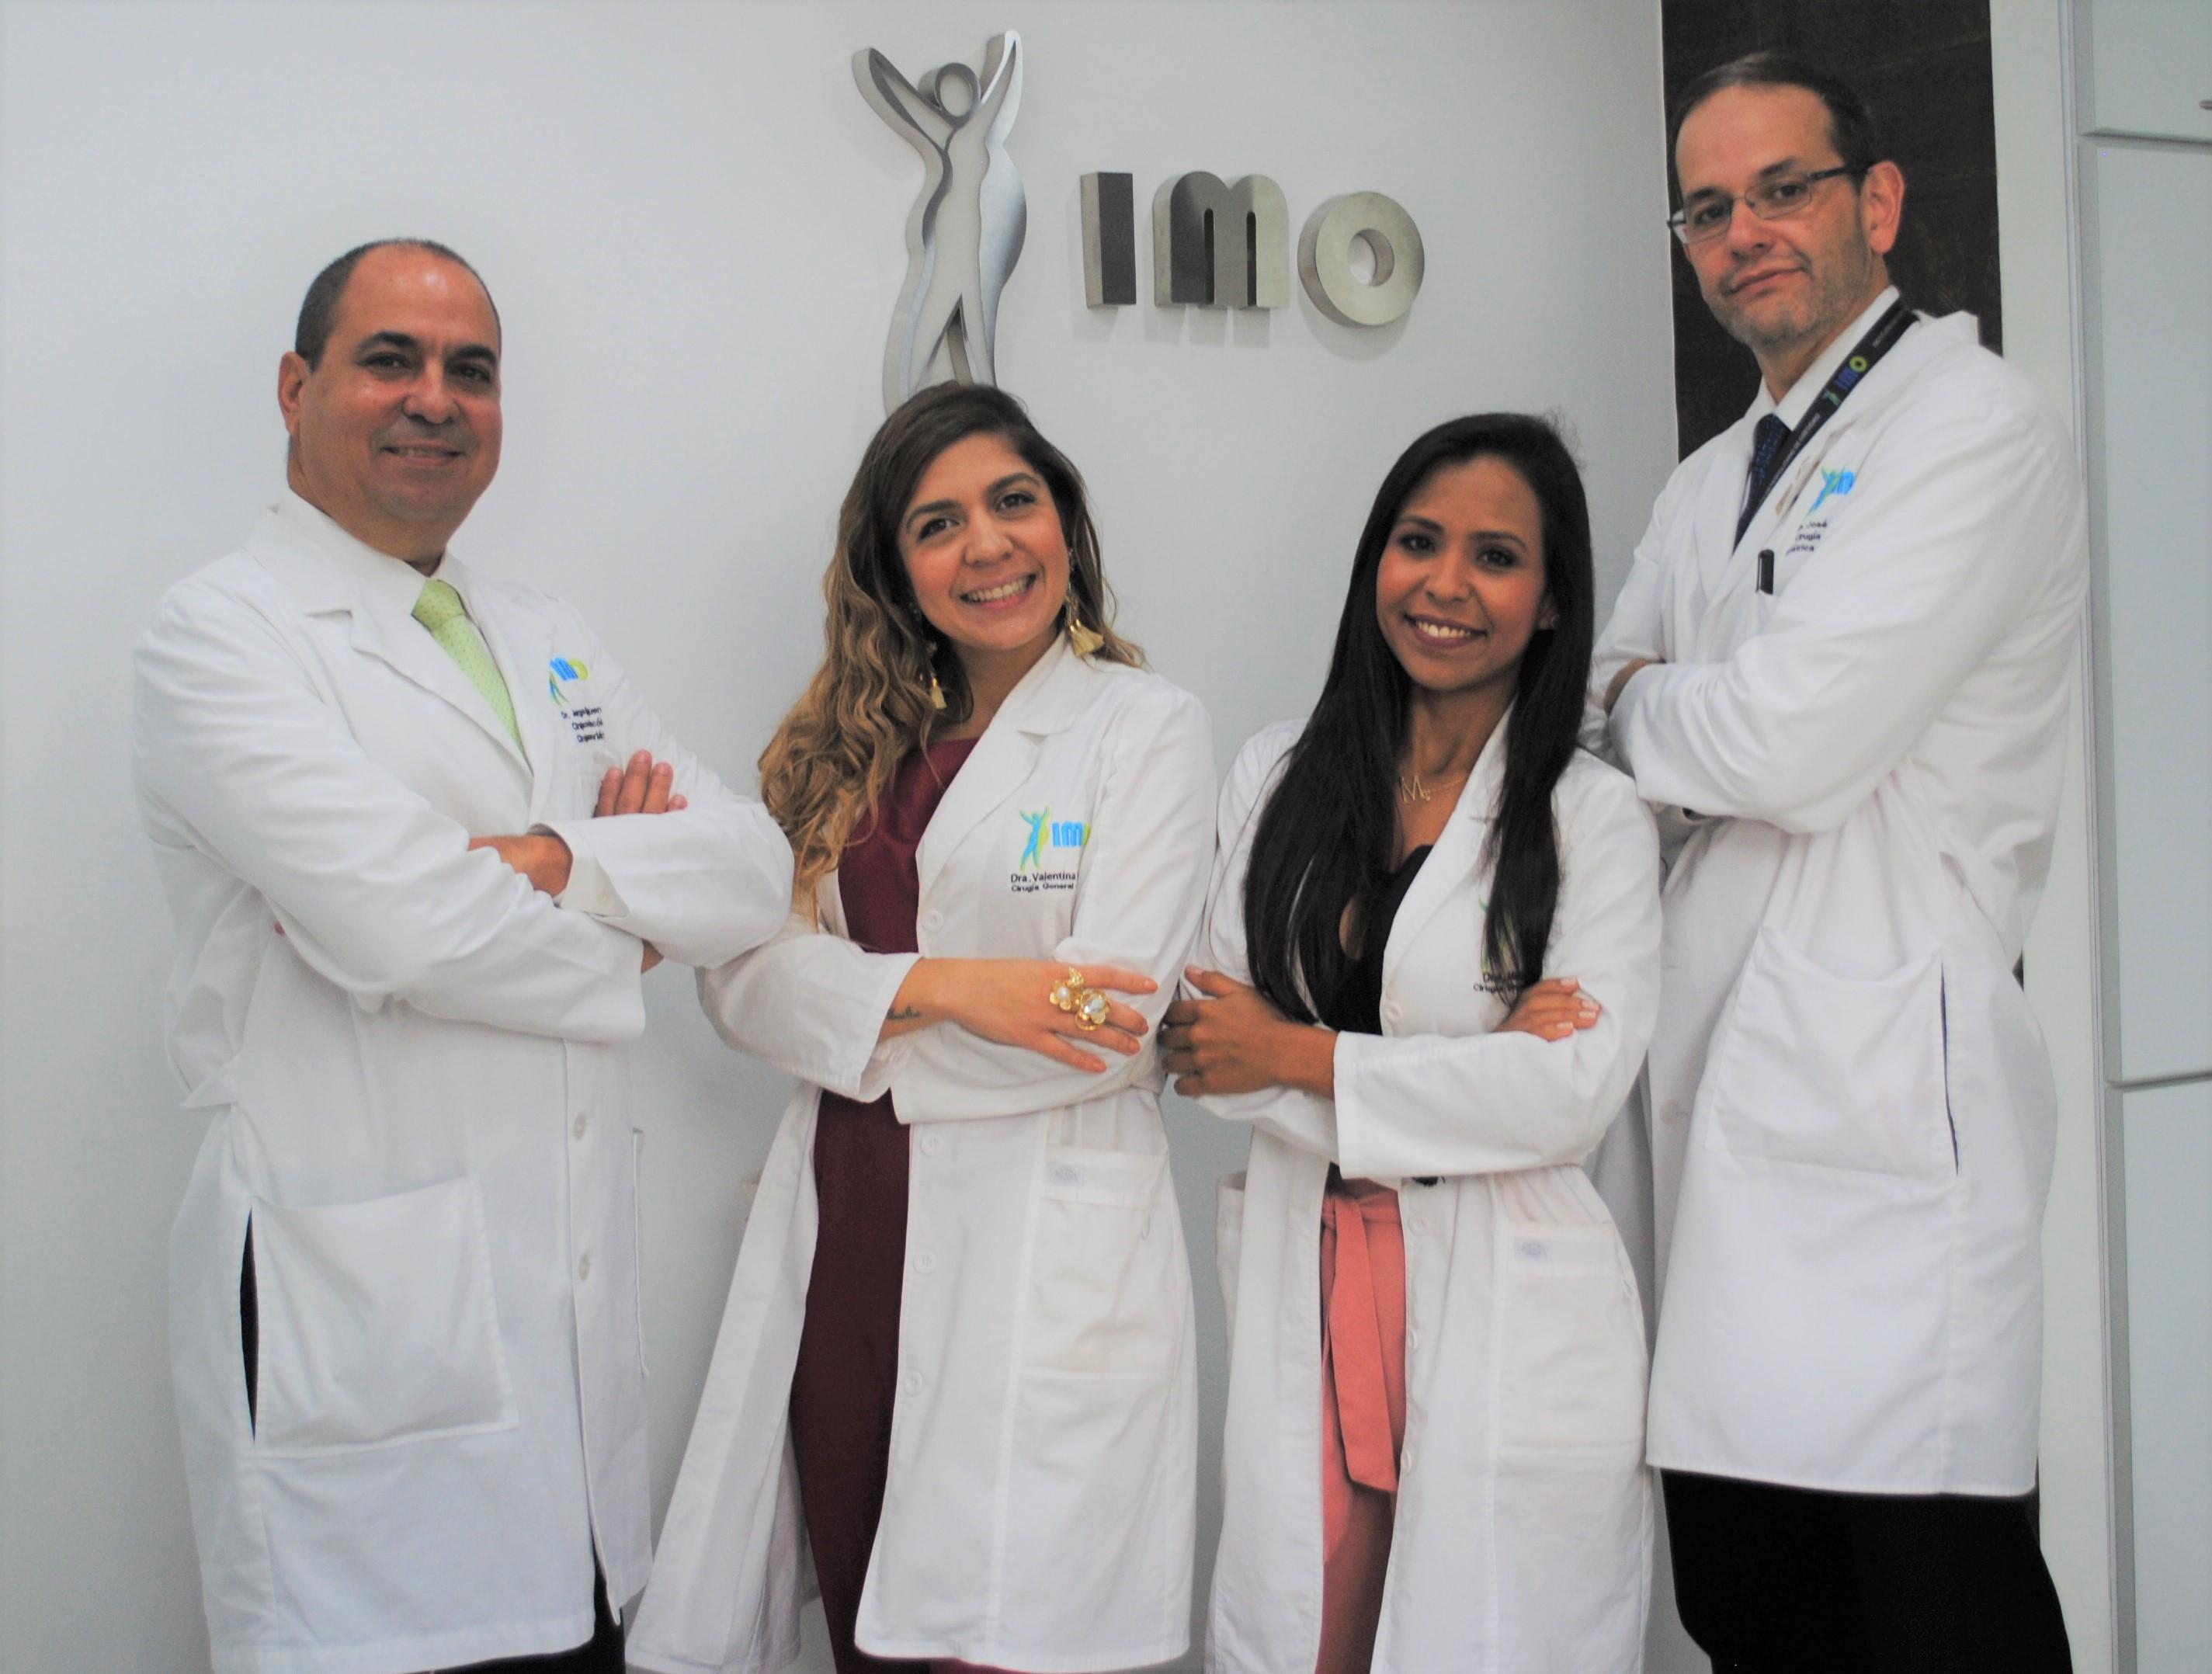 Bariátrica - Cirugías - Hablan los doctores - IMOBariátrica - cirugía metabólica